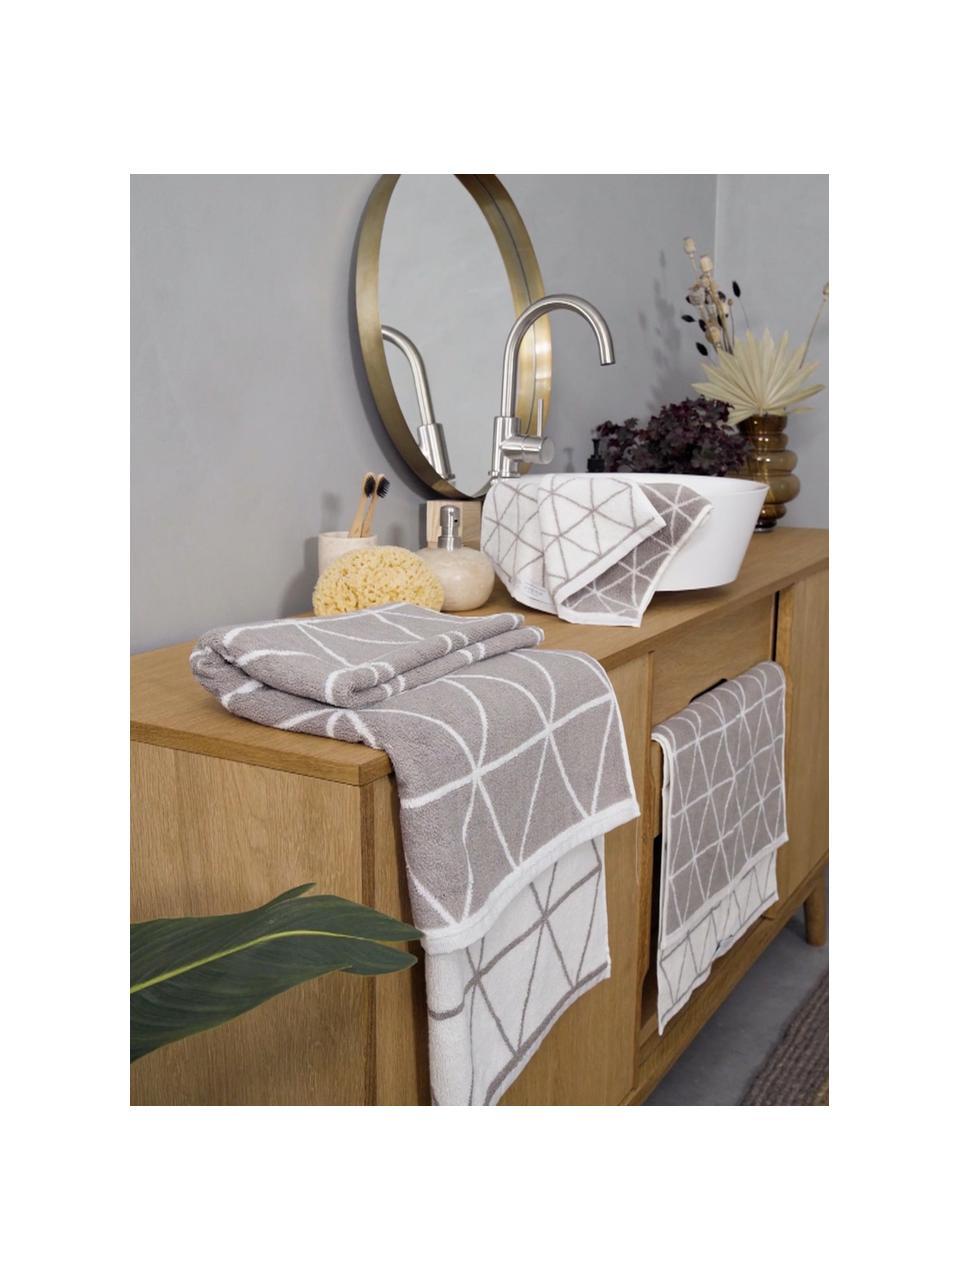 Komplet dwustronnych ręczników Elina, 3 elem., Taupe, kremowobiały, Komplet z różnymi rozmiarami